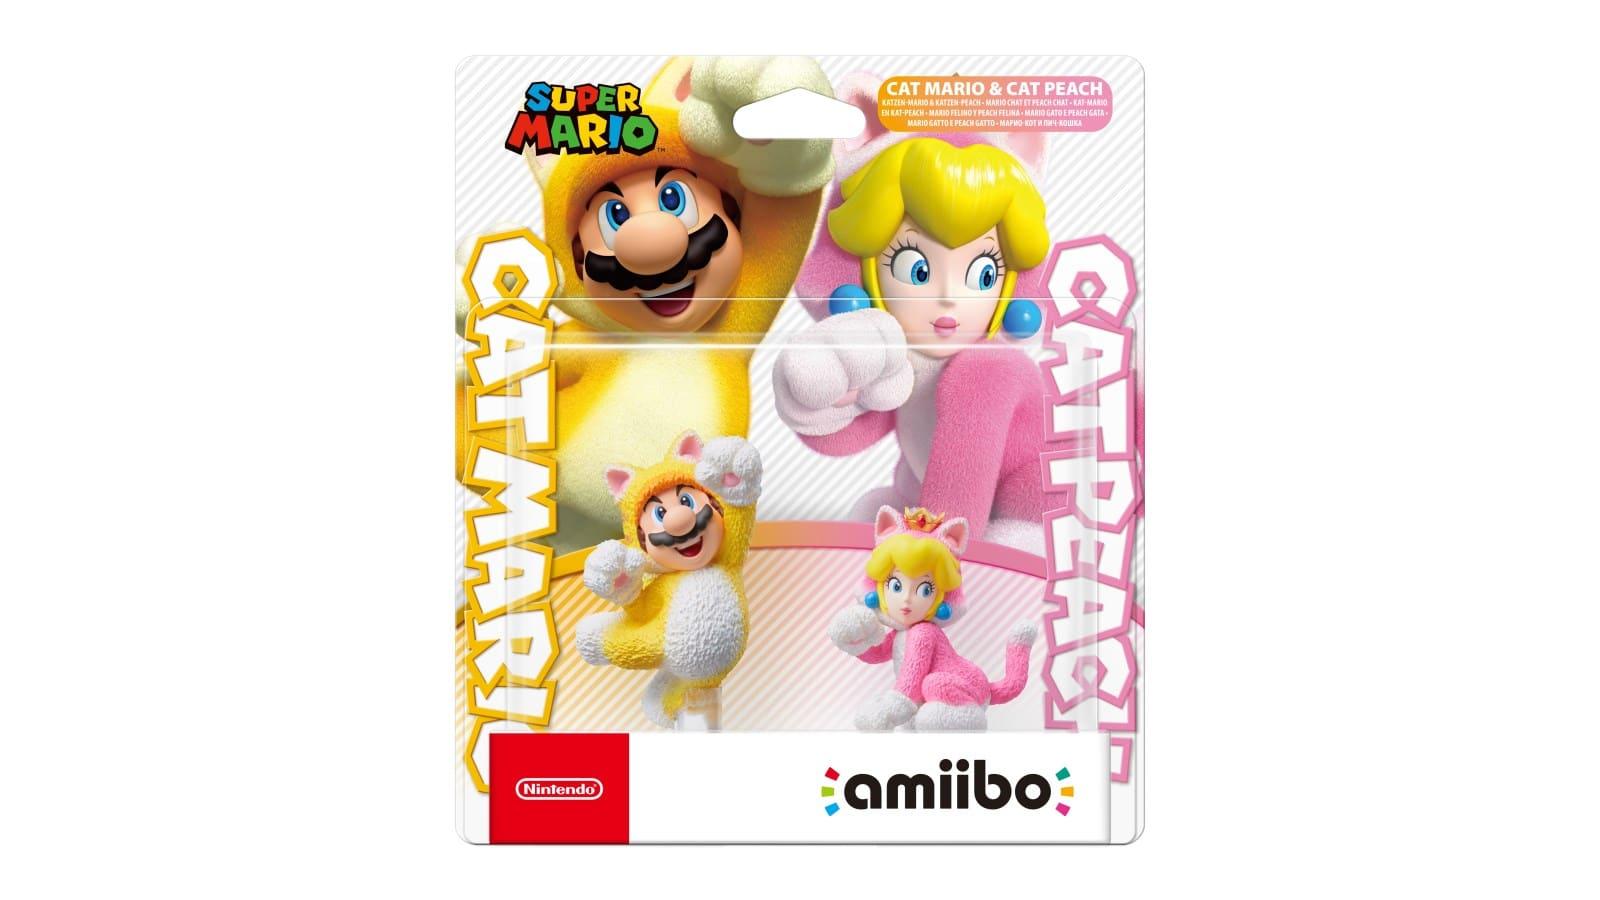 אמיבו - Cat Mario & Cat Peach (סדרת סופר מריו)